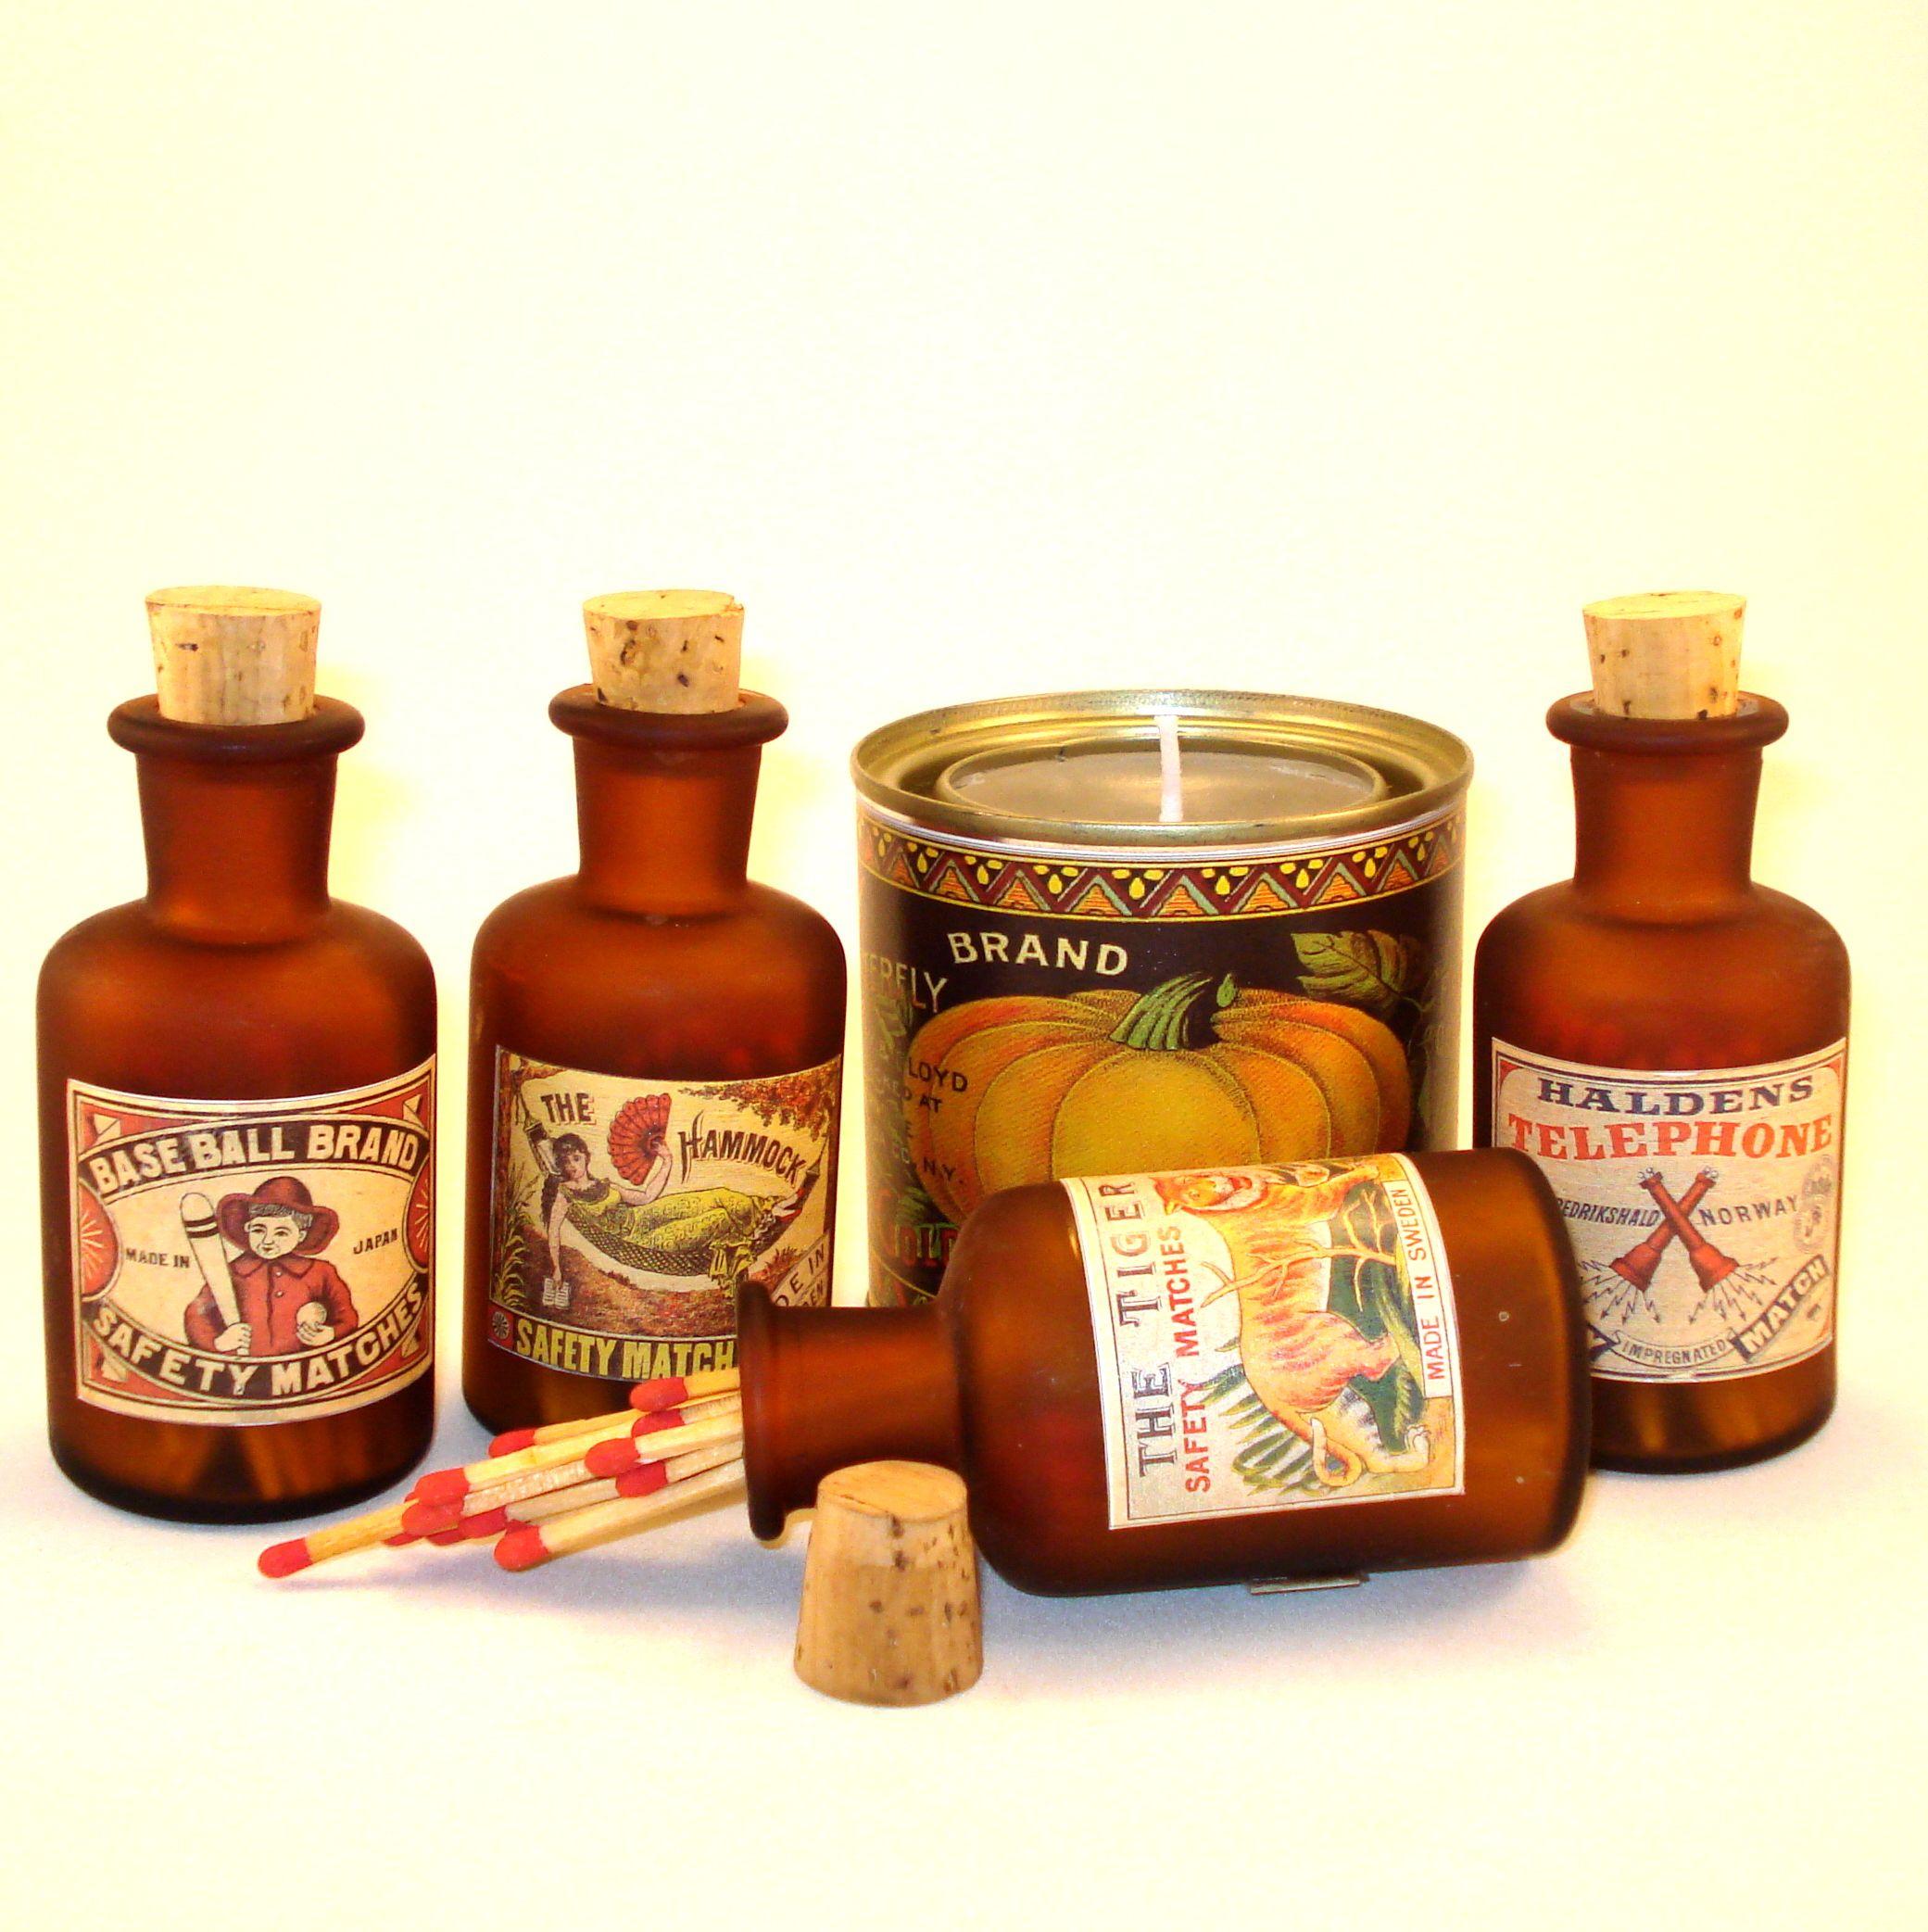 Linha de fósforos Vintage em frascos de antigas boticas e rótulos do inicio do século 20.